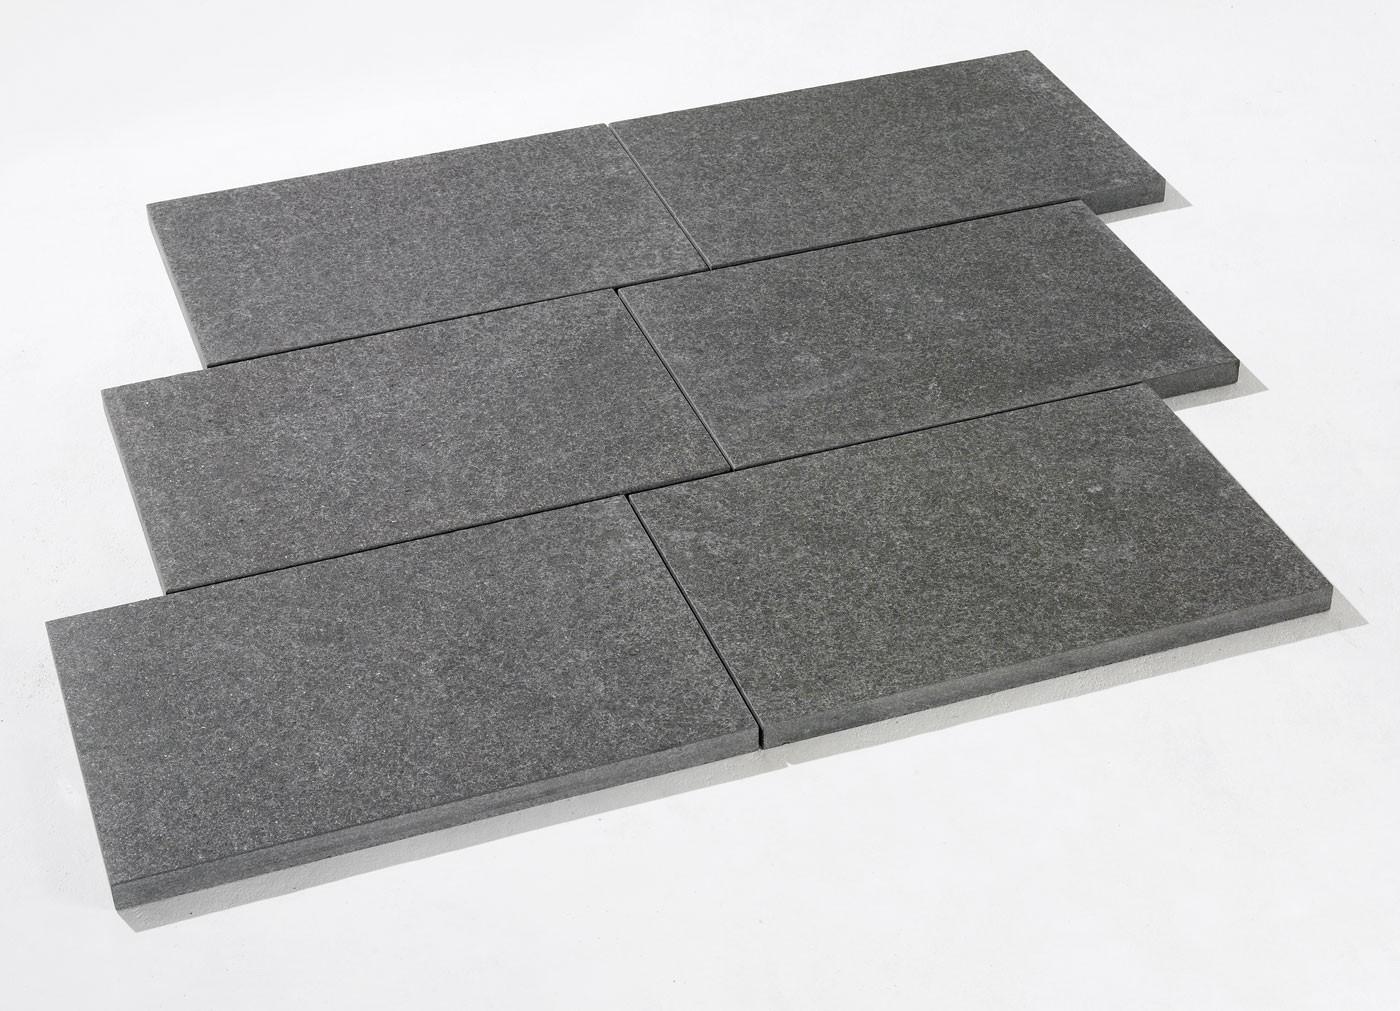 Dalle en pierre naturelle granit flammée noire 60 x 40 x 3 ...